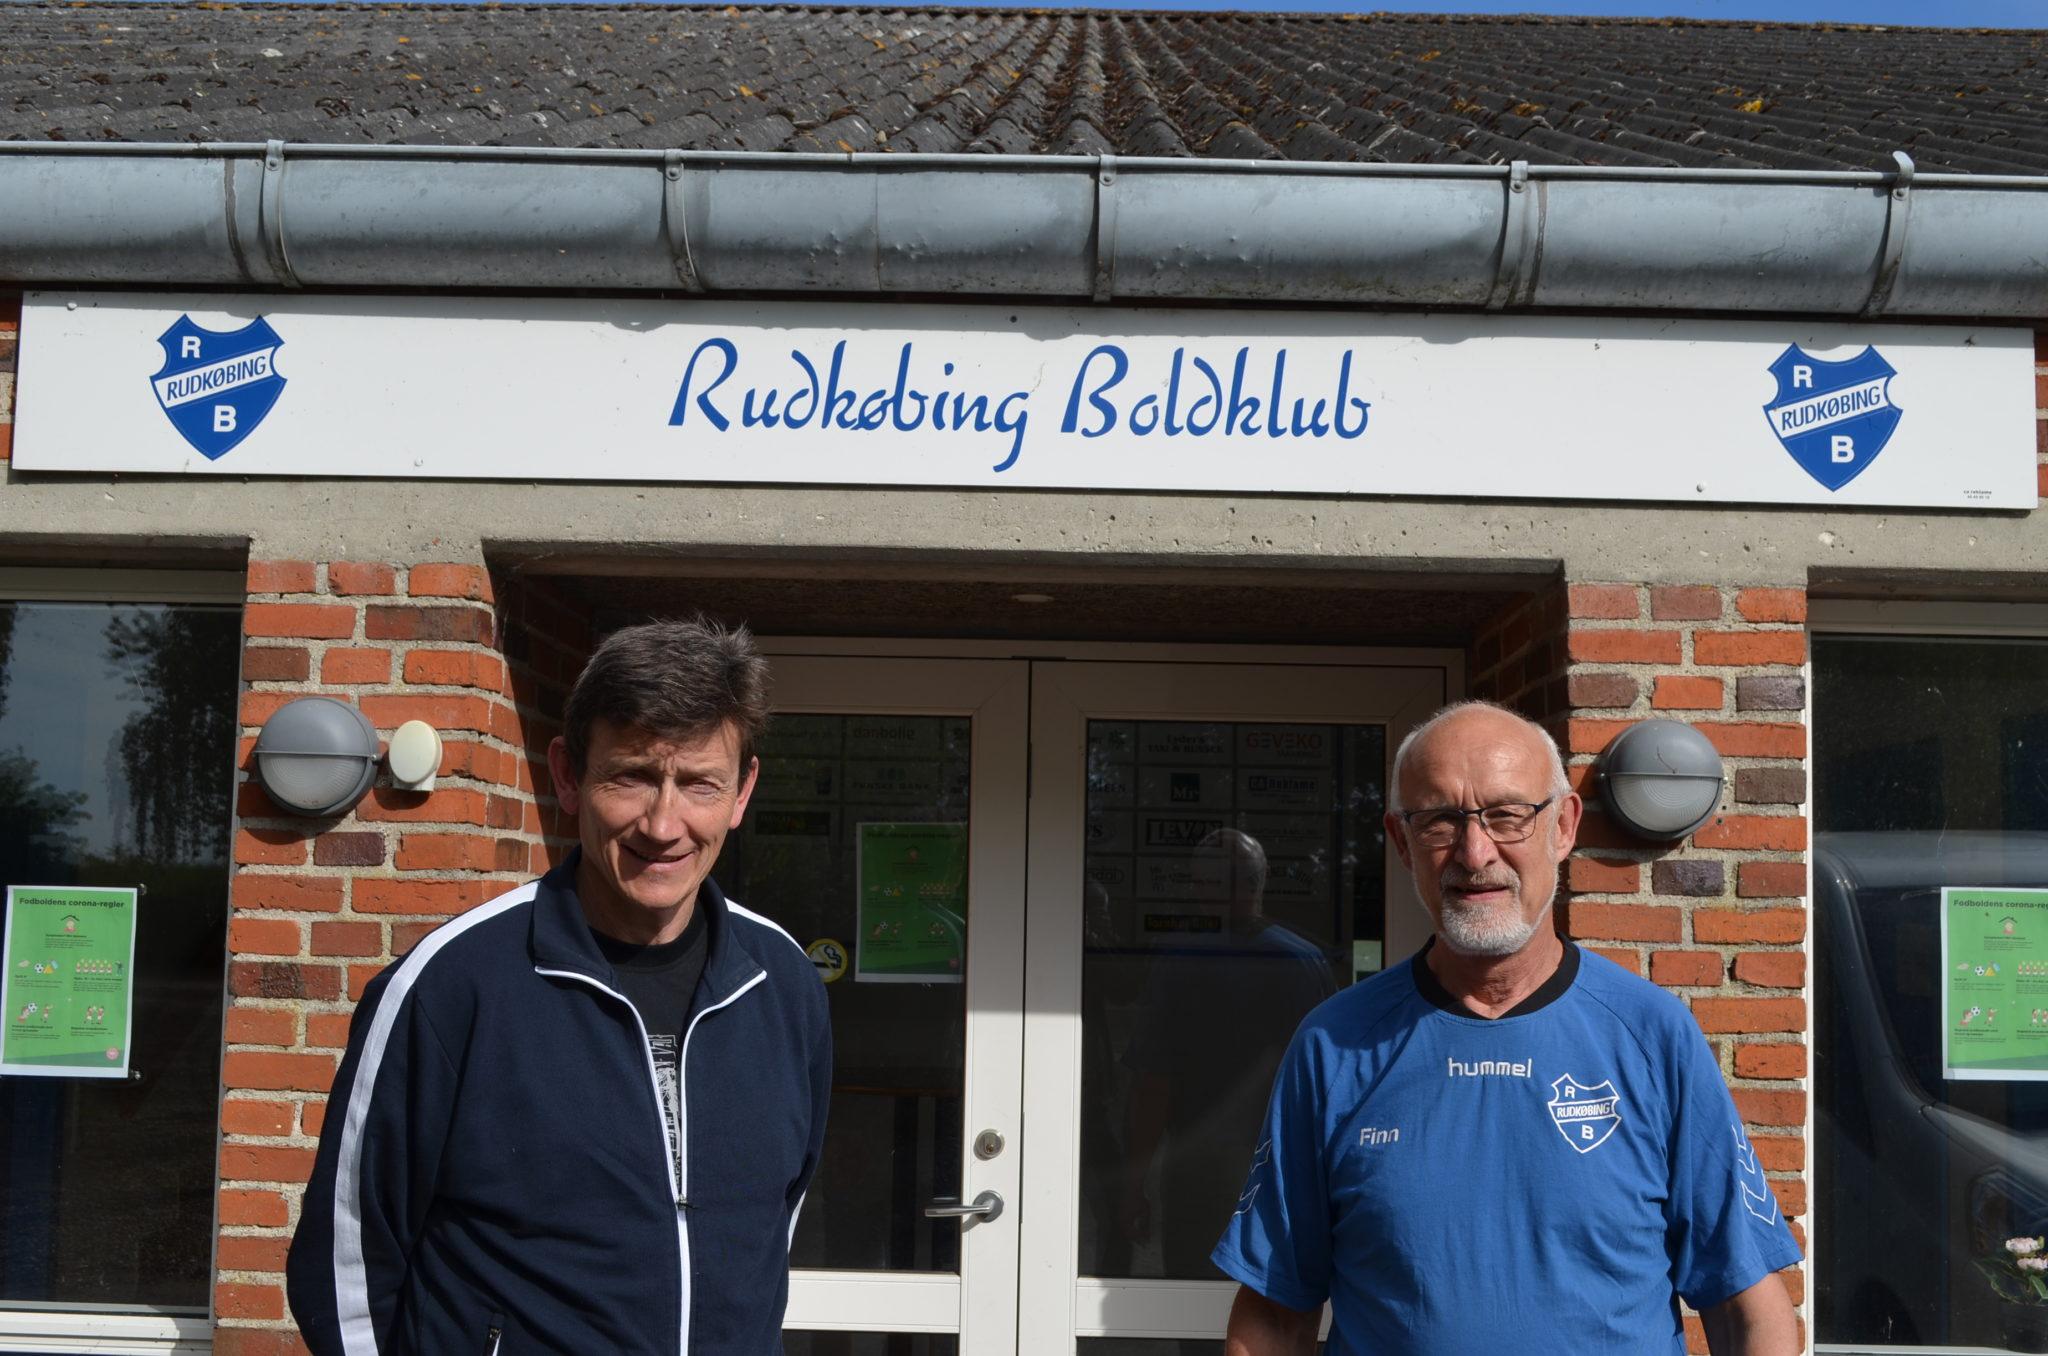 Tidligere cheftræner Kurt Hansen (tv) og formand Finn Pedersen håber, at langelænderne i fremtiden vil samarbejde og bakke op om fodbolden i Rudkøbing Boldklub. (Foto: Privat)